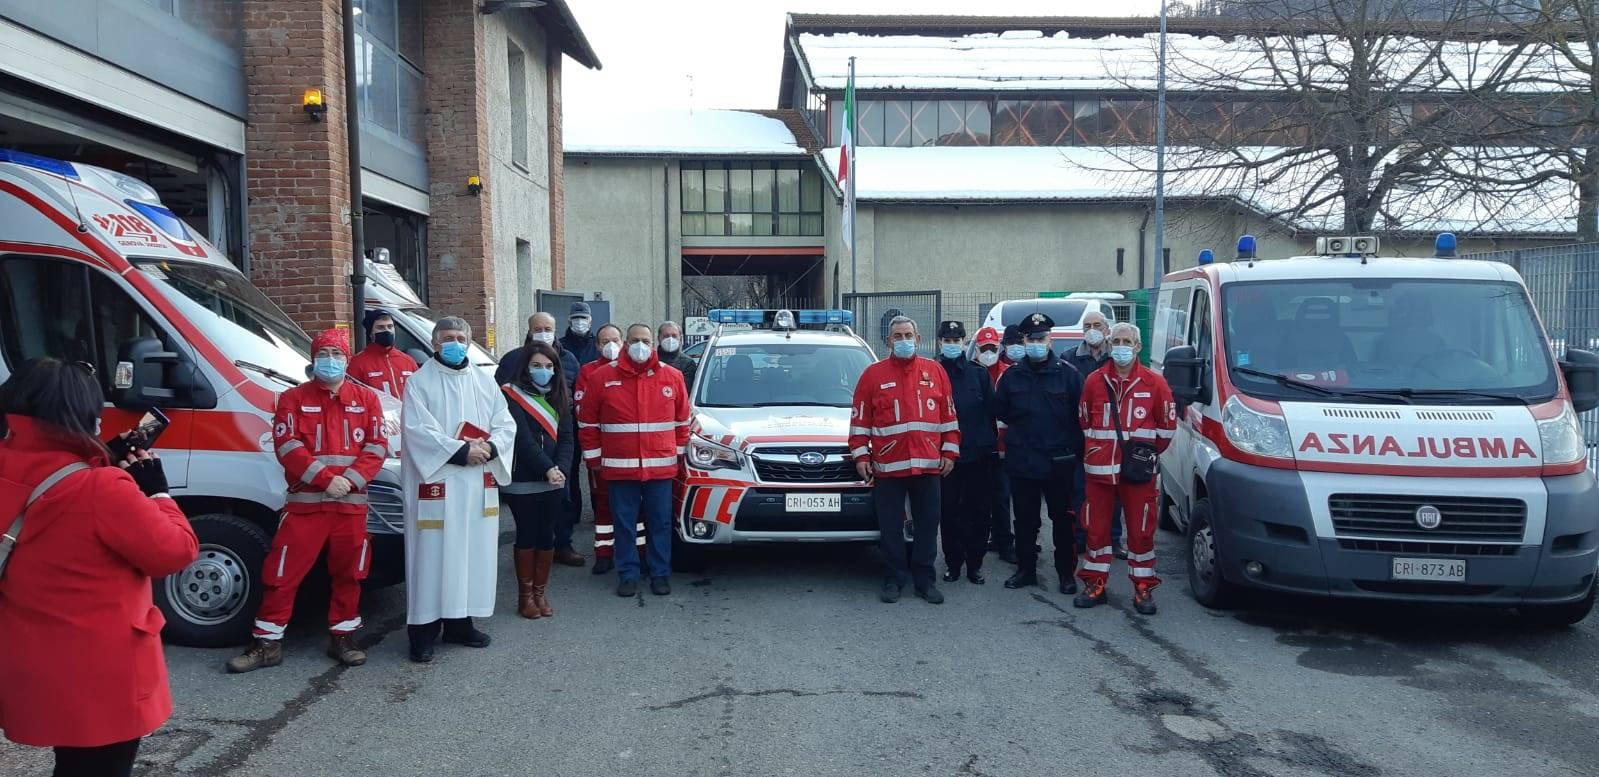 Consegnata nuova automedica per la Croce Rossa di Rossiglione